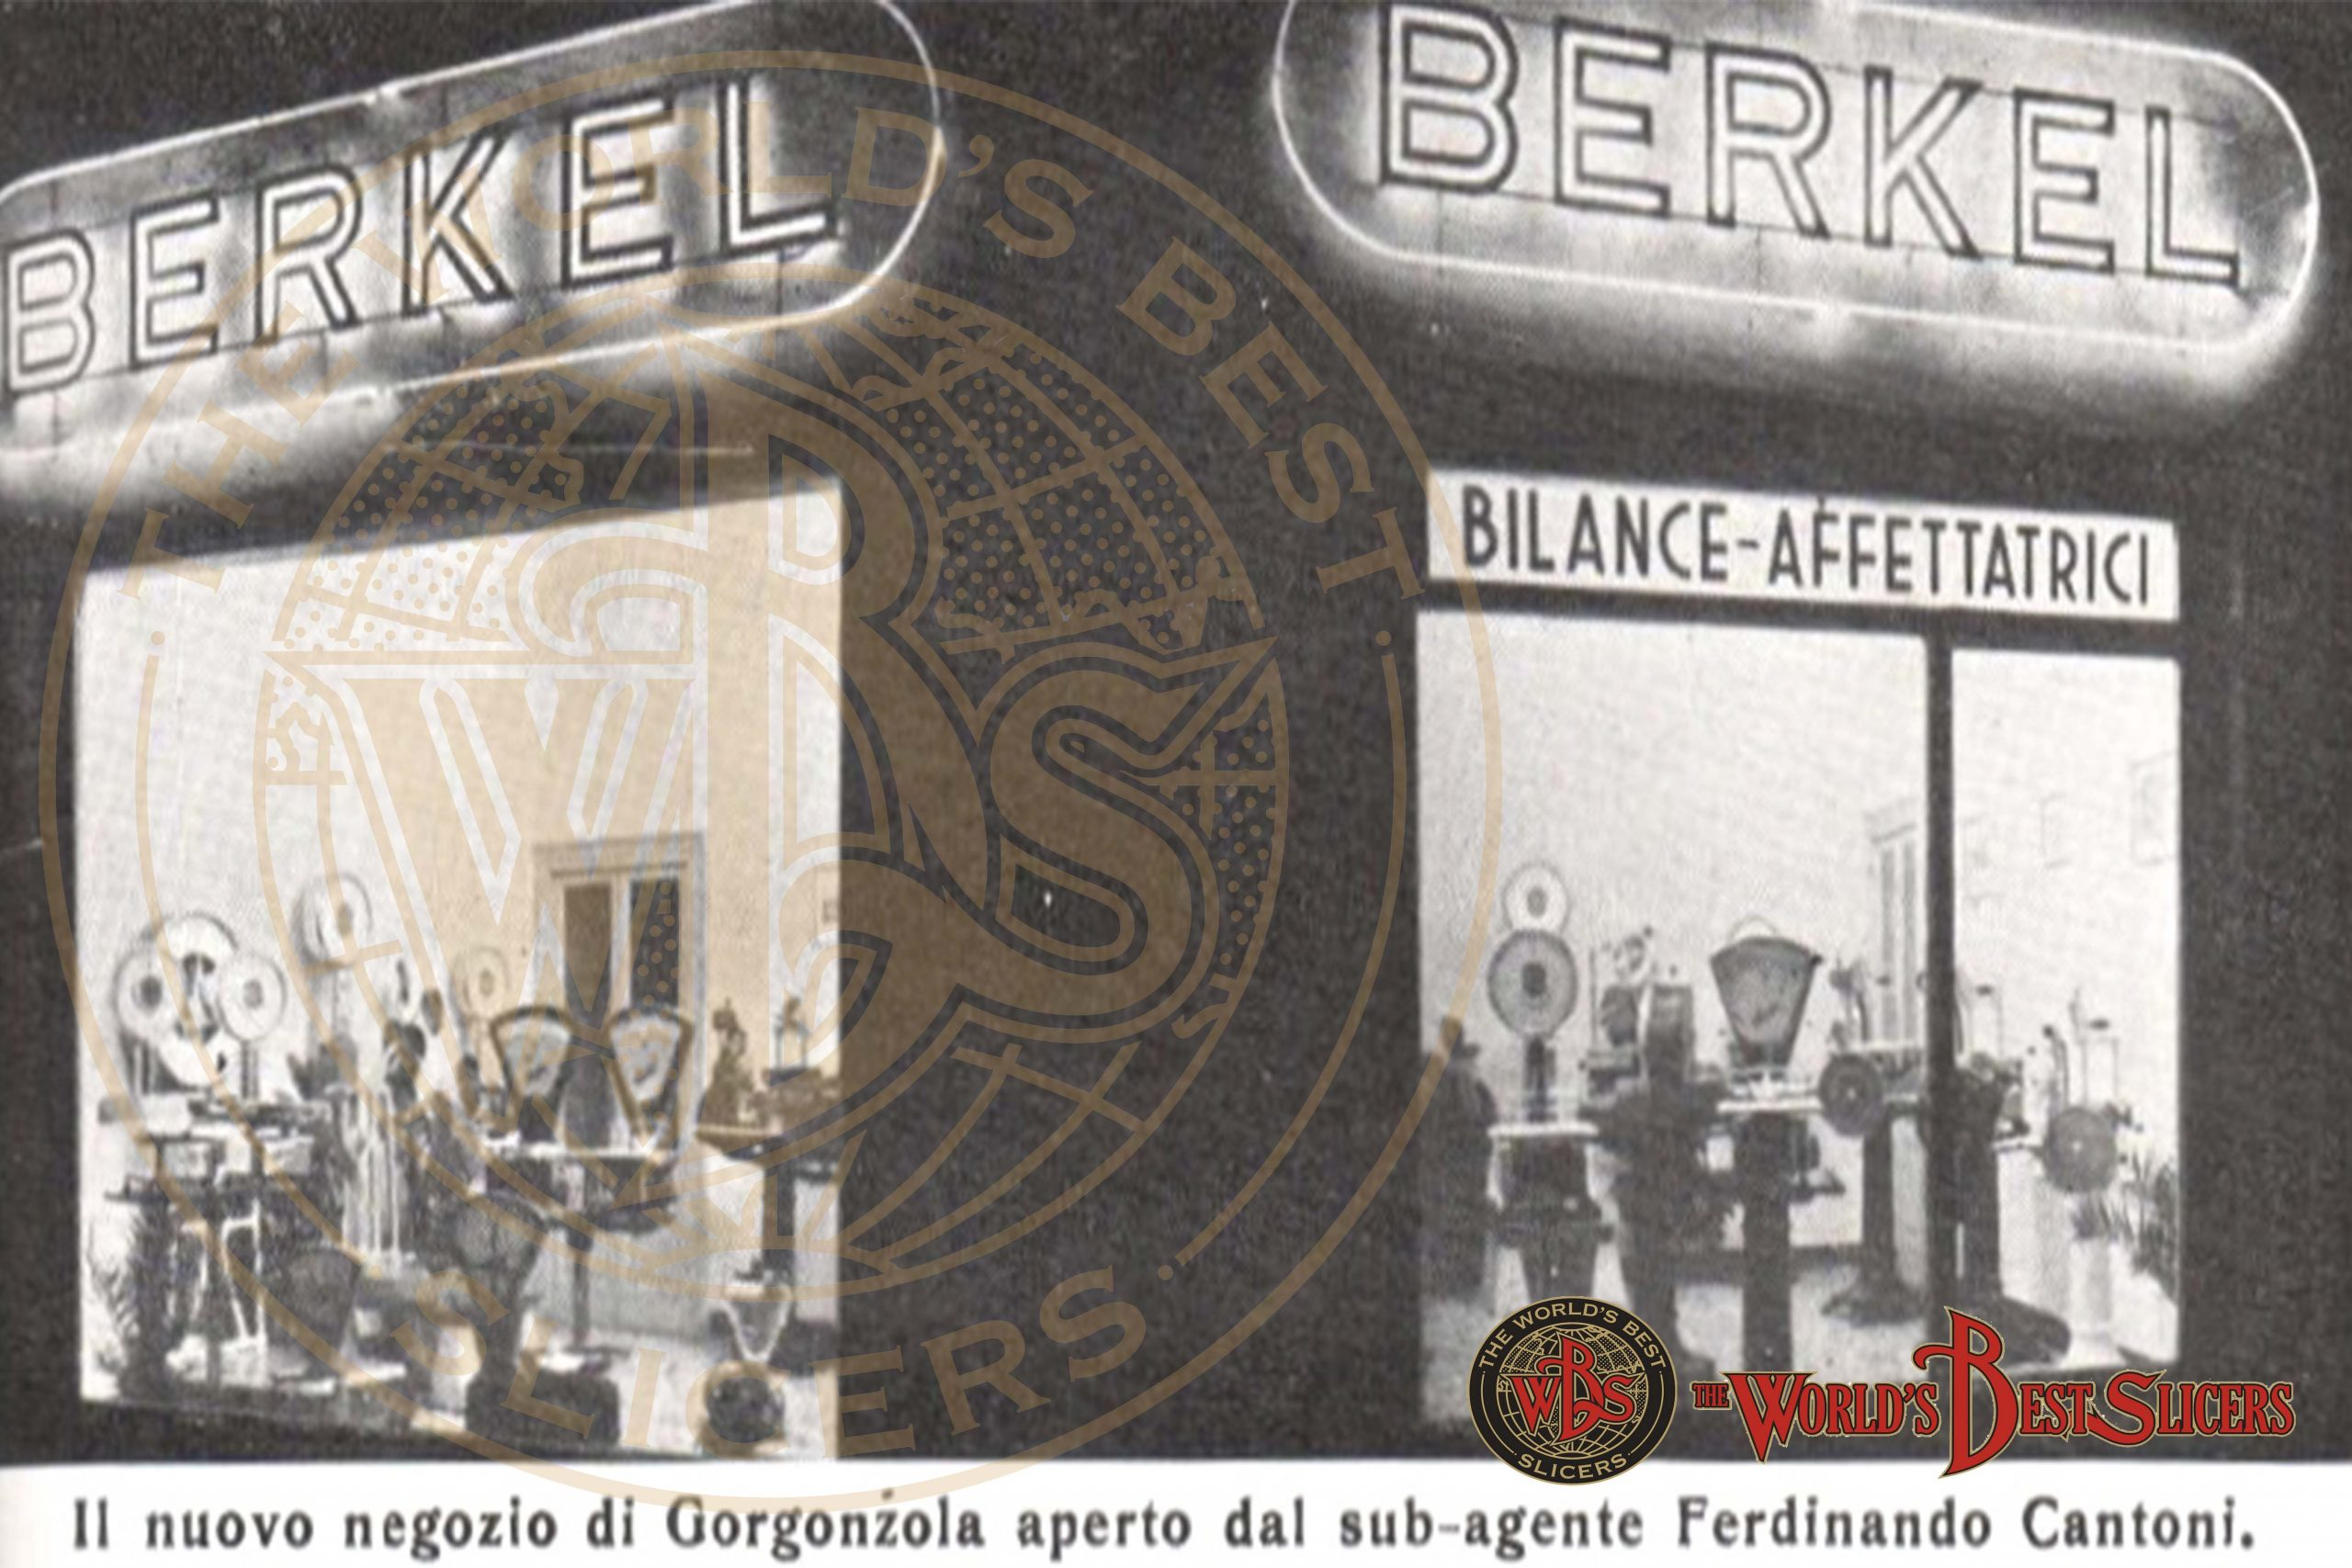 Gorgonzola-scaled W.A.Van Berkel's Geschichte